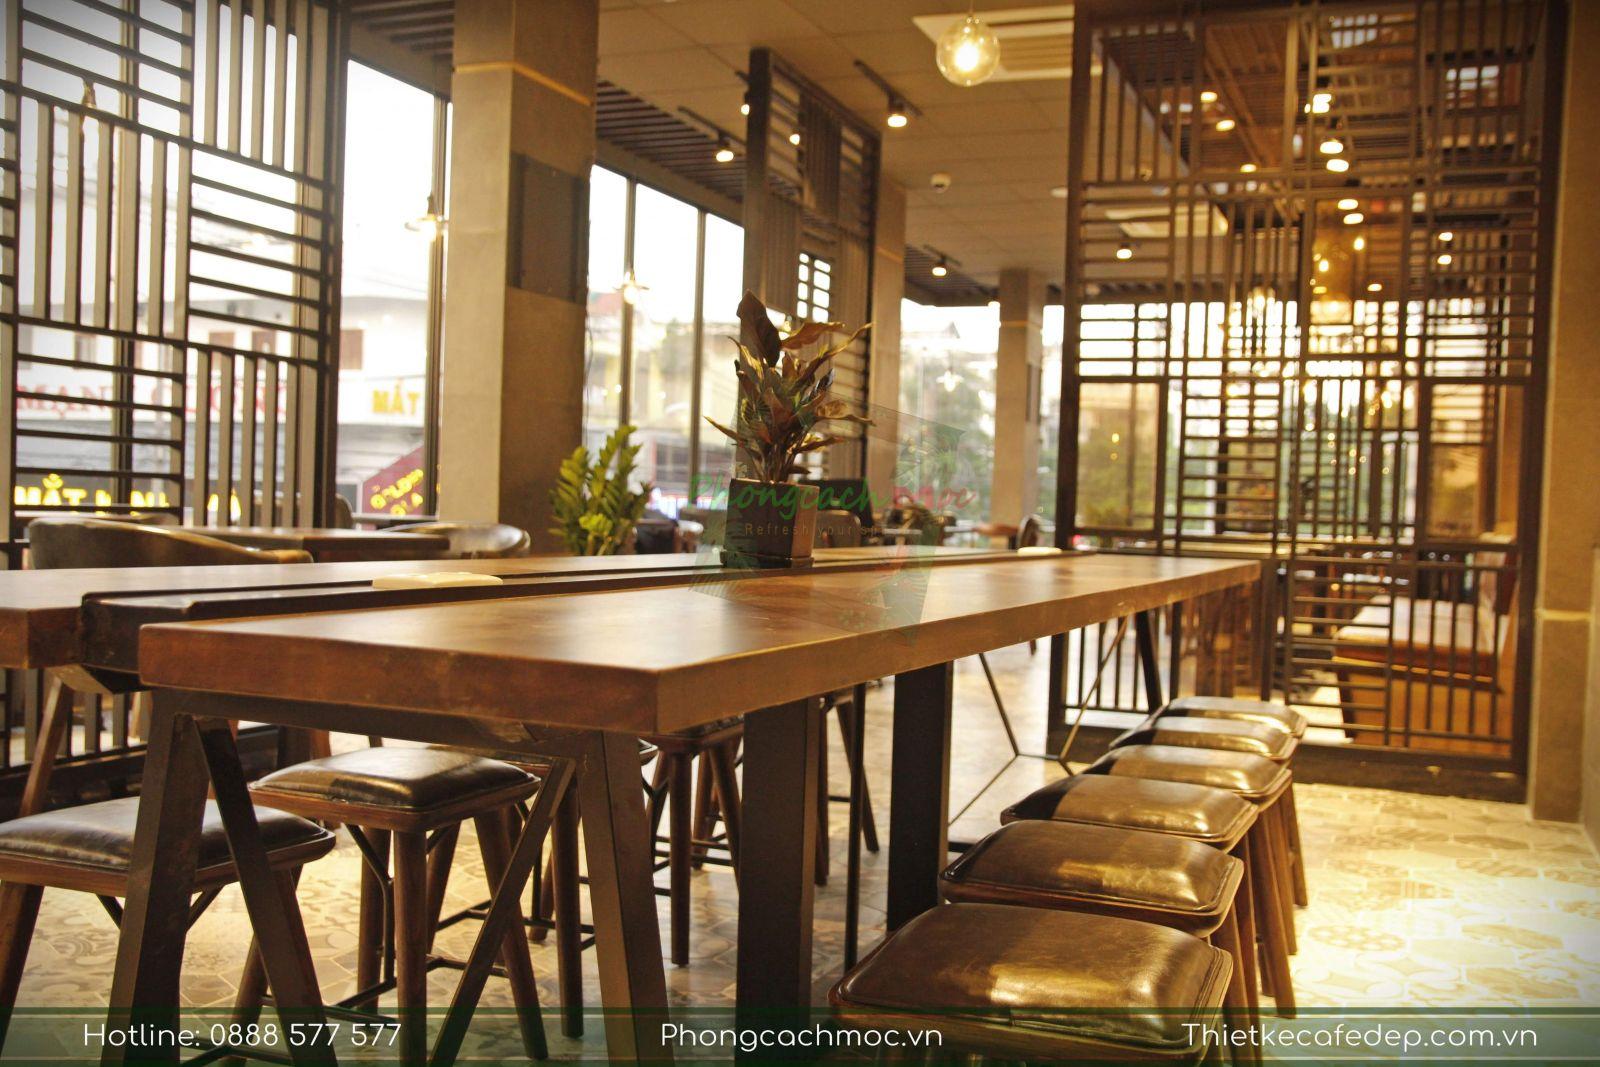 bộ bàn nhóm dành cho 10 người ngồi tại phúc long coffee tea